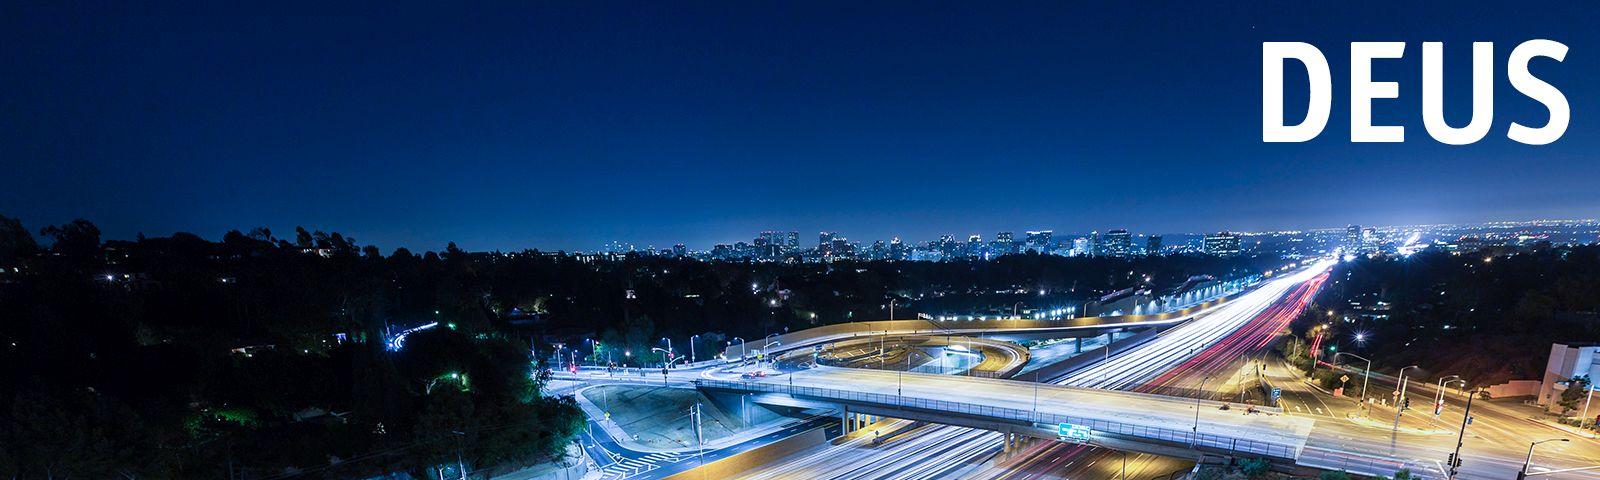 Neuer Straßenbeleuchtungsregler mit 3G, GPS und Ethernet